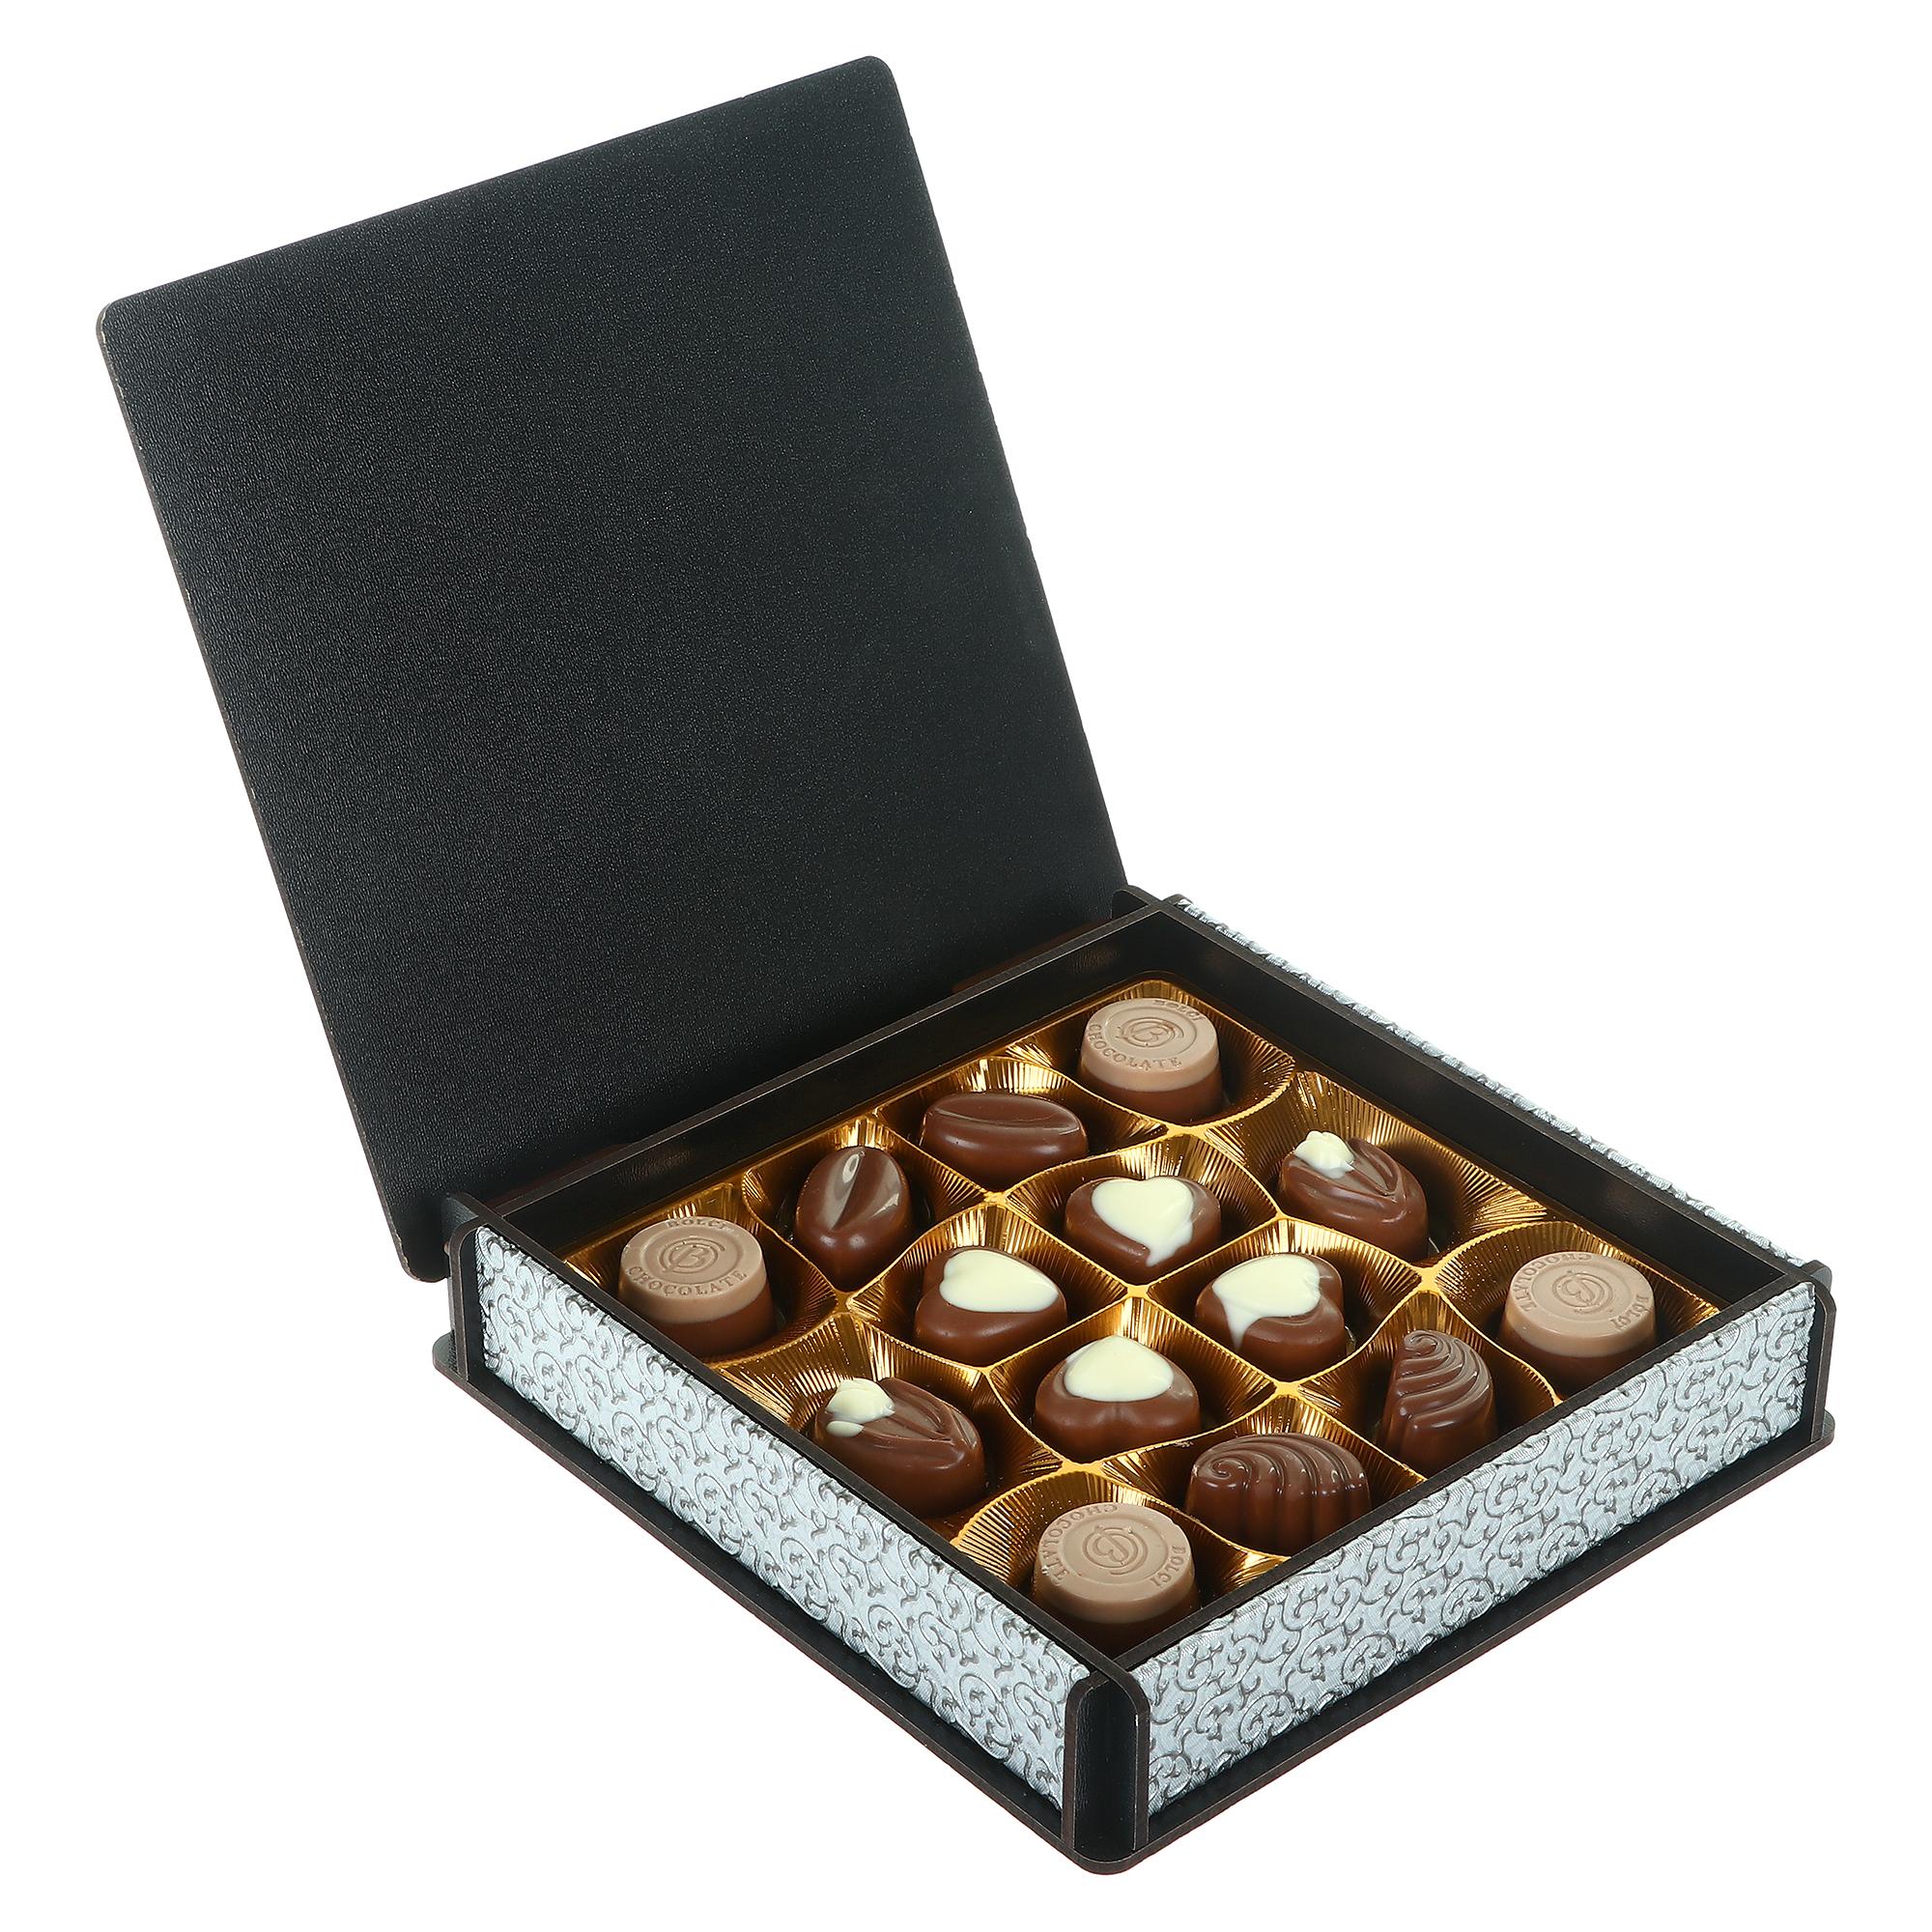 Набор шоколадных конфет Chief деревянная коробка серебряная, 175 г mieszko трюфель французский со вкусом ореха набор шоколадных конфет 175 г